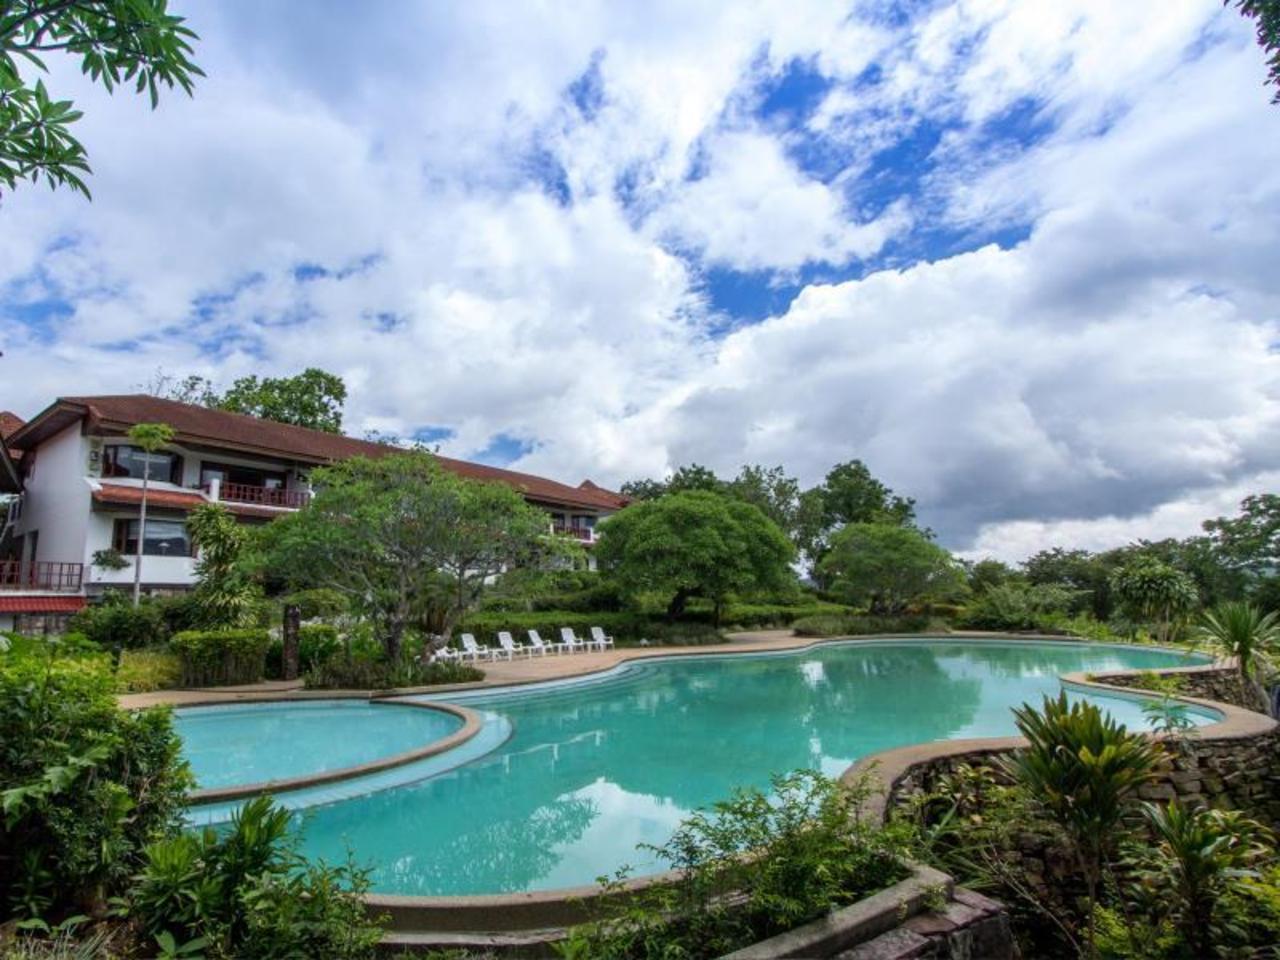 วอเตอร์ฟอร์ด แวลเลย์ เชียงราย กอล์ฟ คอร์ส  รีสอร์ท (Waterford Valley Chiangrai Golf Course and Resort)